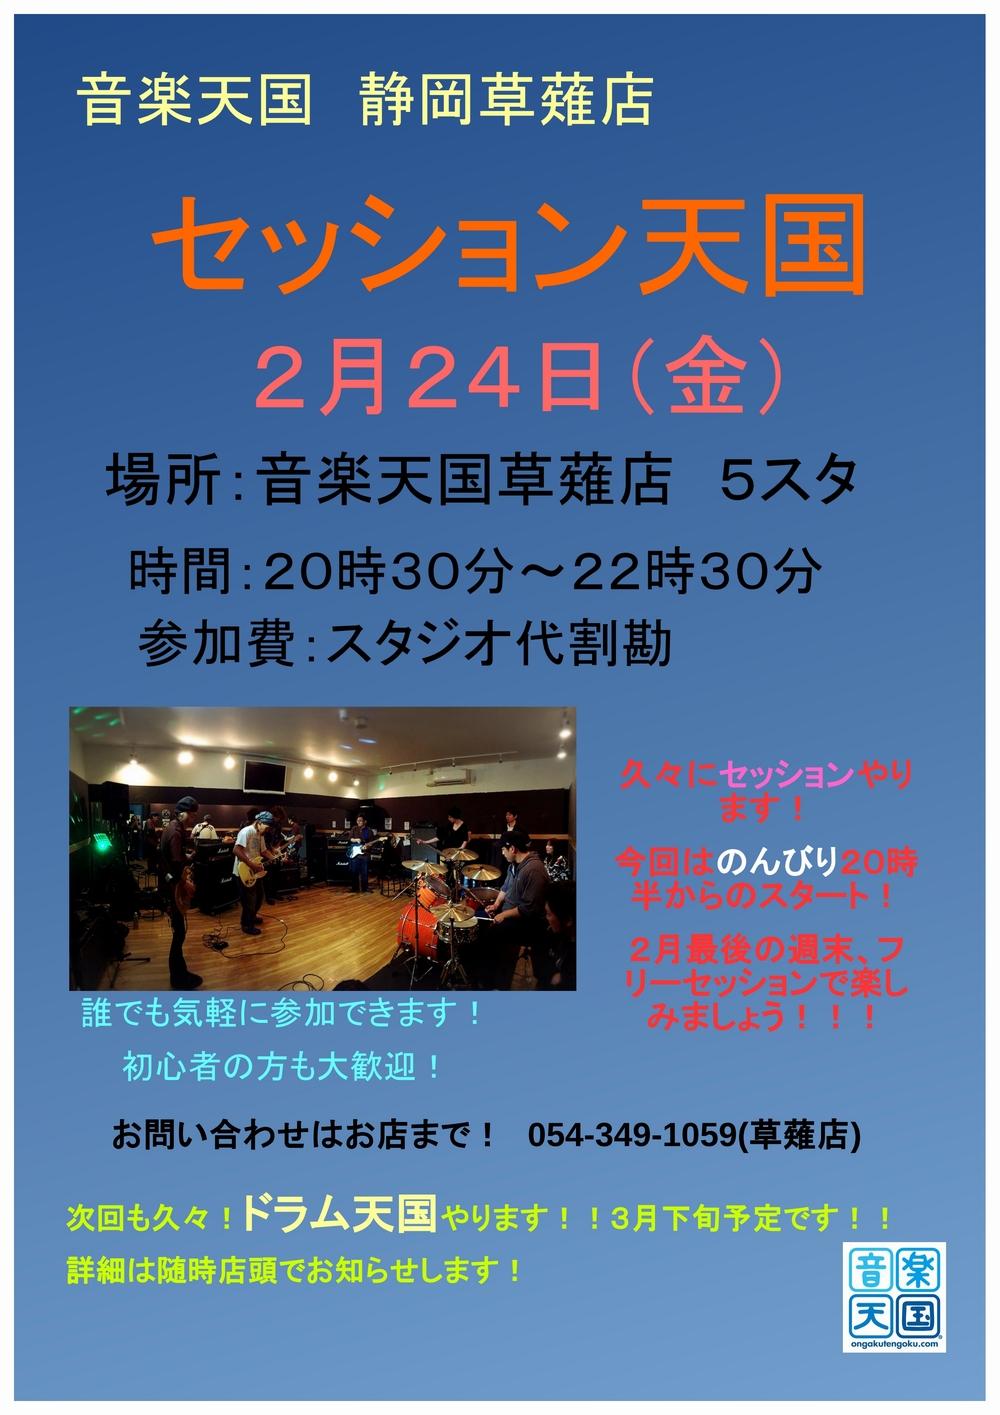 【セッション天国】音楽天国・静岡草薙店2月24日(金)開催